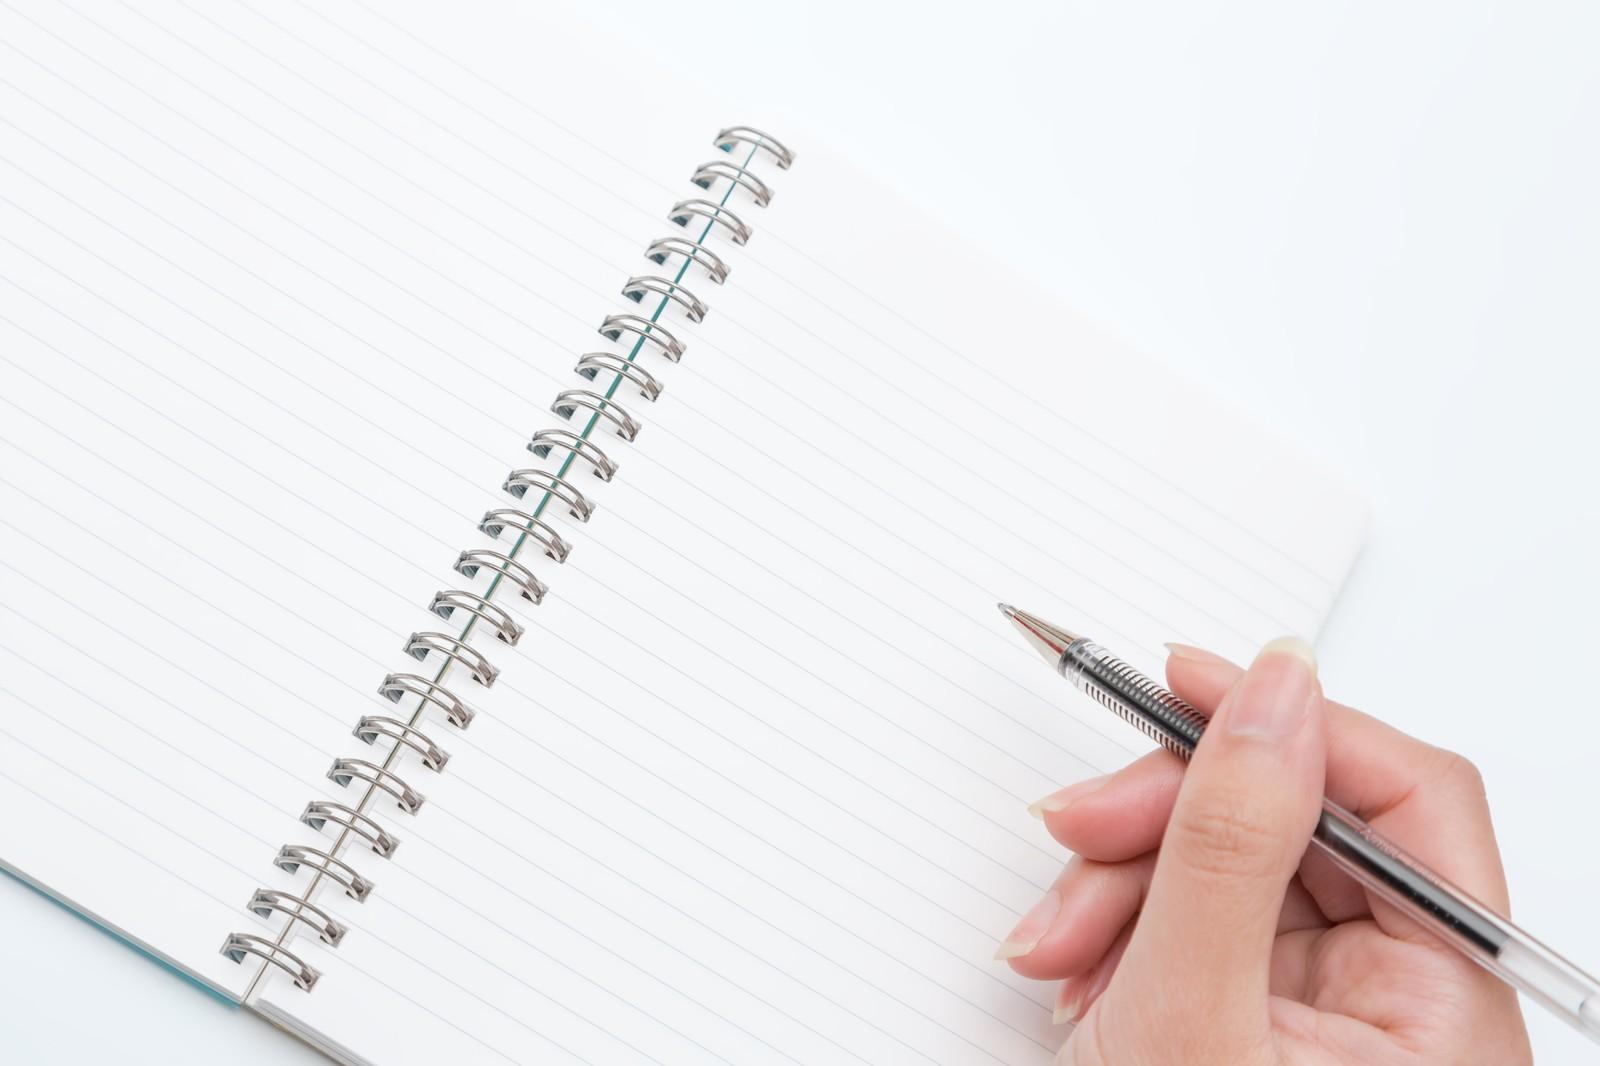 働きながら独学で公務員試験に挑む社会人の、具体的な勉強スケジュール